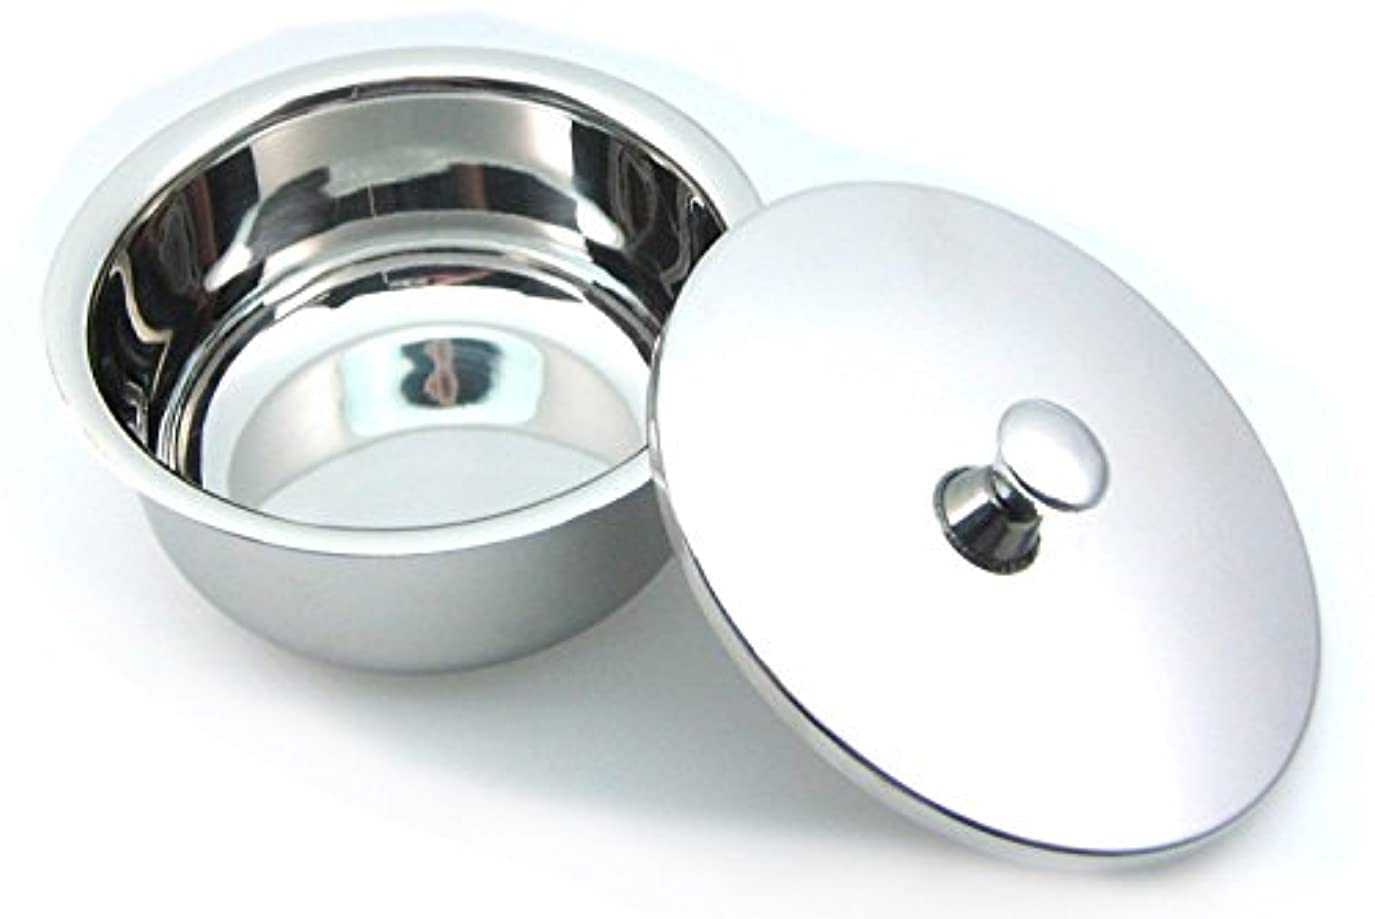 曲注入する星Golddachs shaving pot, stainless steel, chrome with lid 100mm